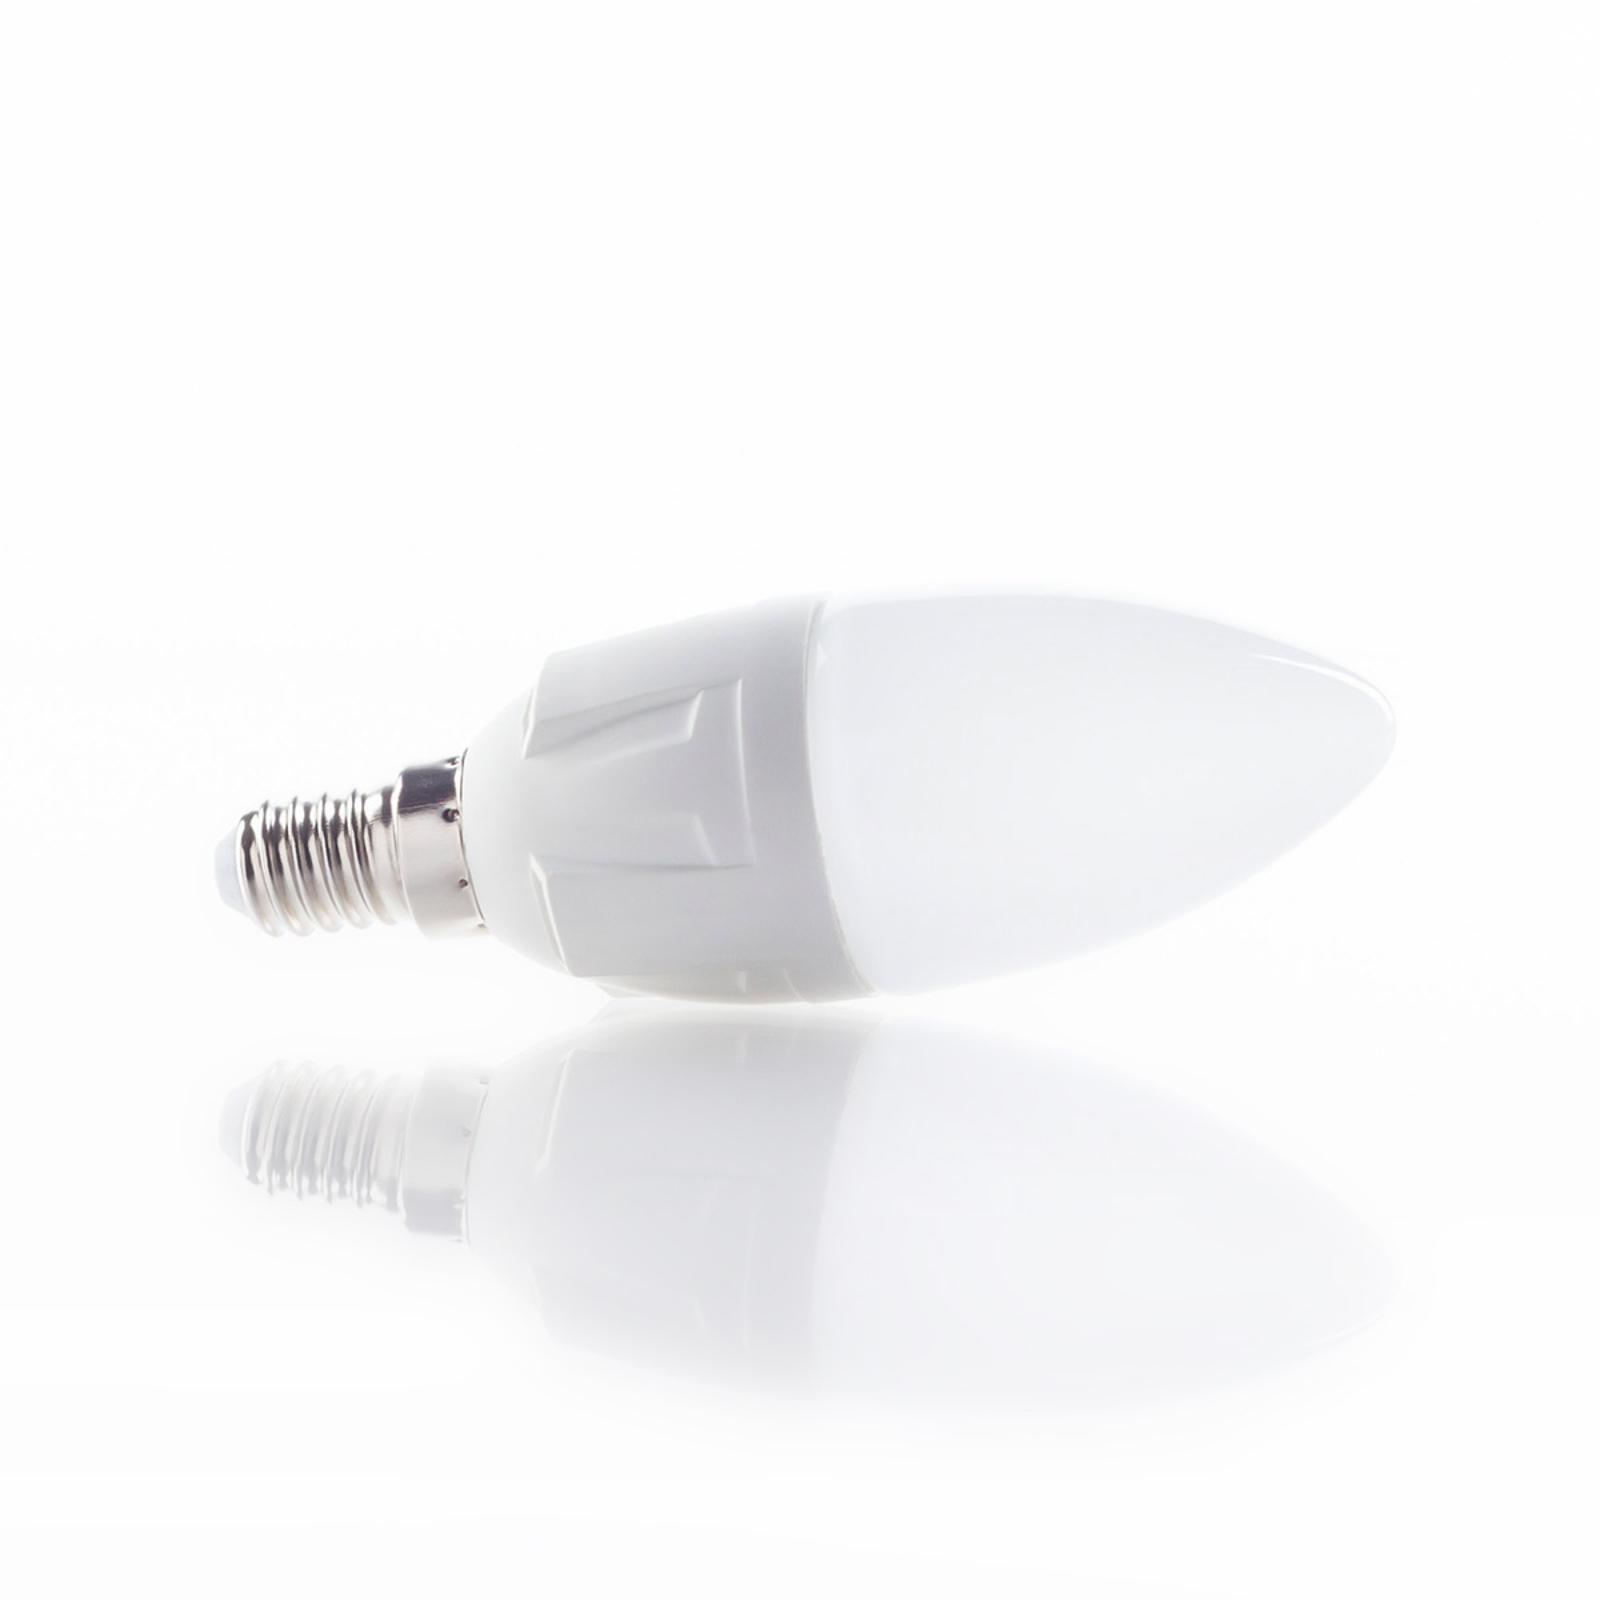 E14 4,9W 830 LED-lampa i ljusform, varmvit